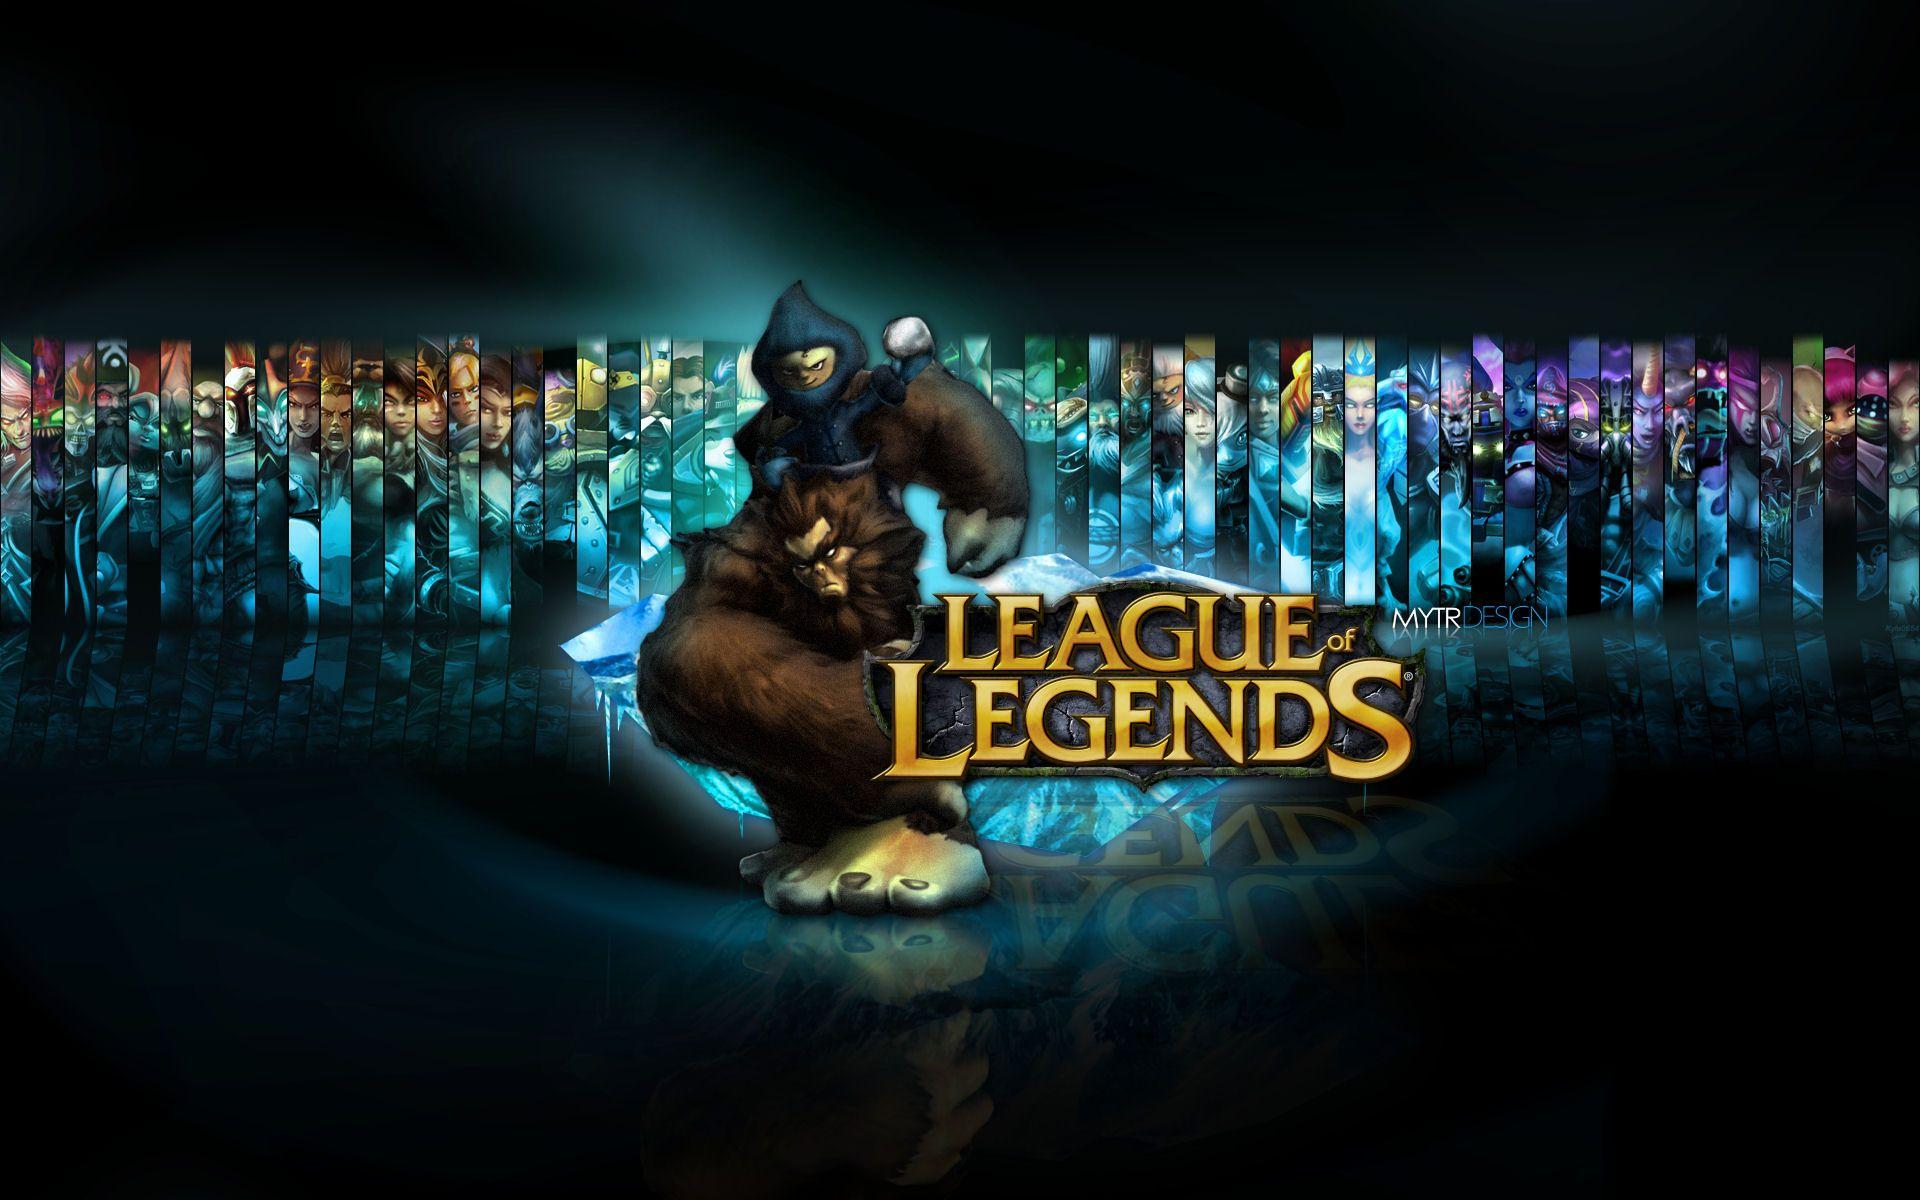 League Of Legends Wallpaper | League Of Legends, Jeux destiné Lol Jeux Gratuit